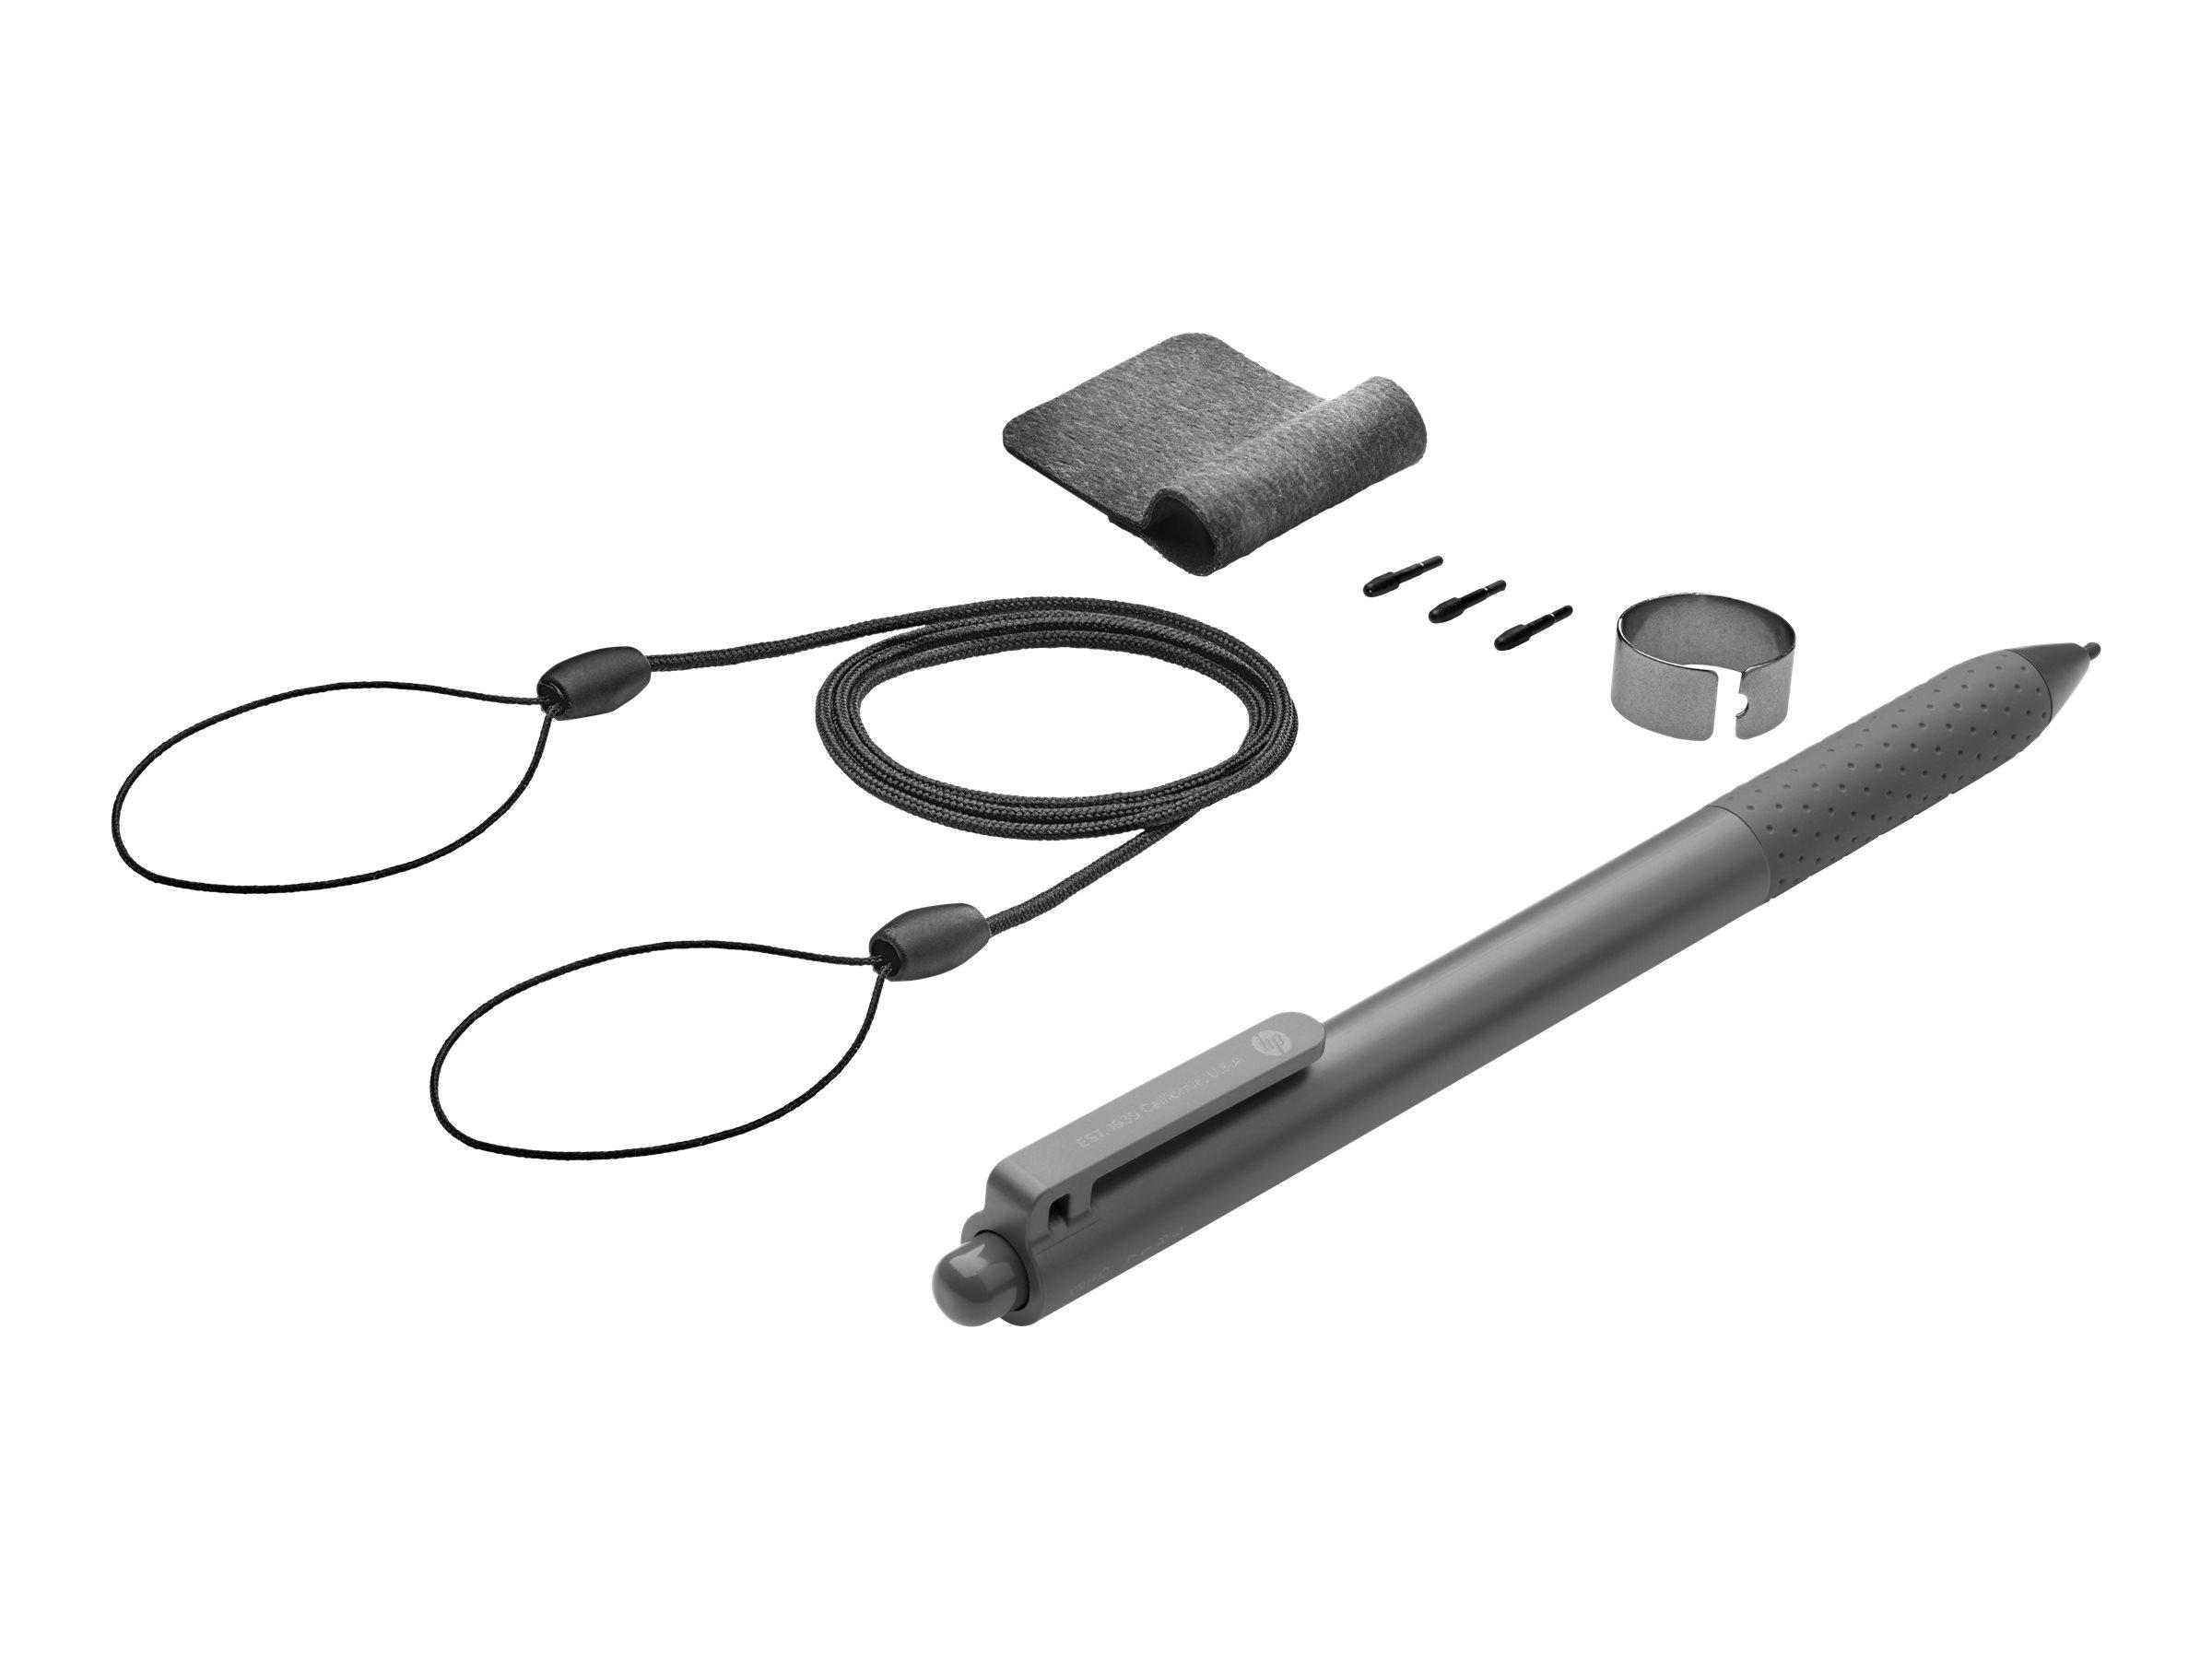 HP Pen Nib Set - Kit Stylus-Spitzen - für Elite x2 1013 G3; EliteBook x360 1012 G2, 1030 G3, 1040 G5